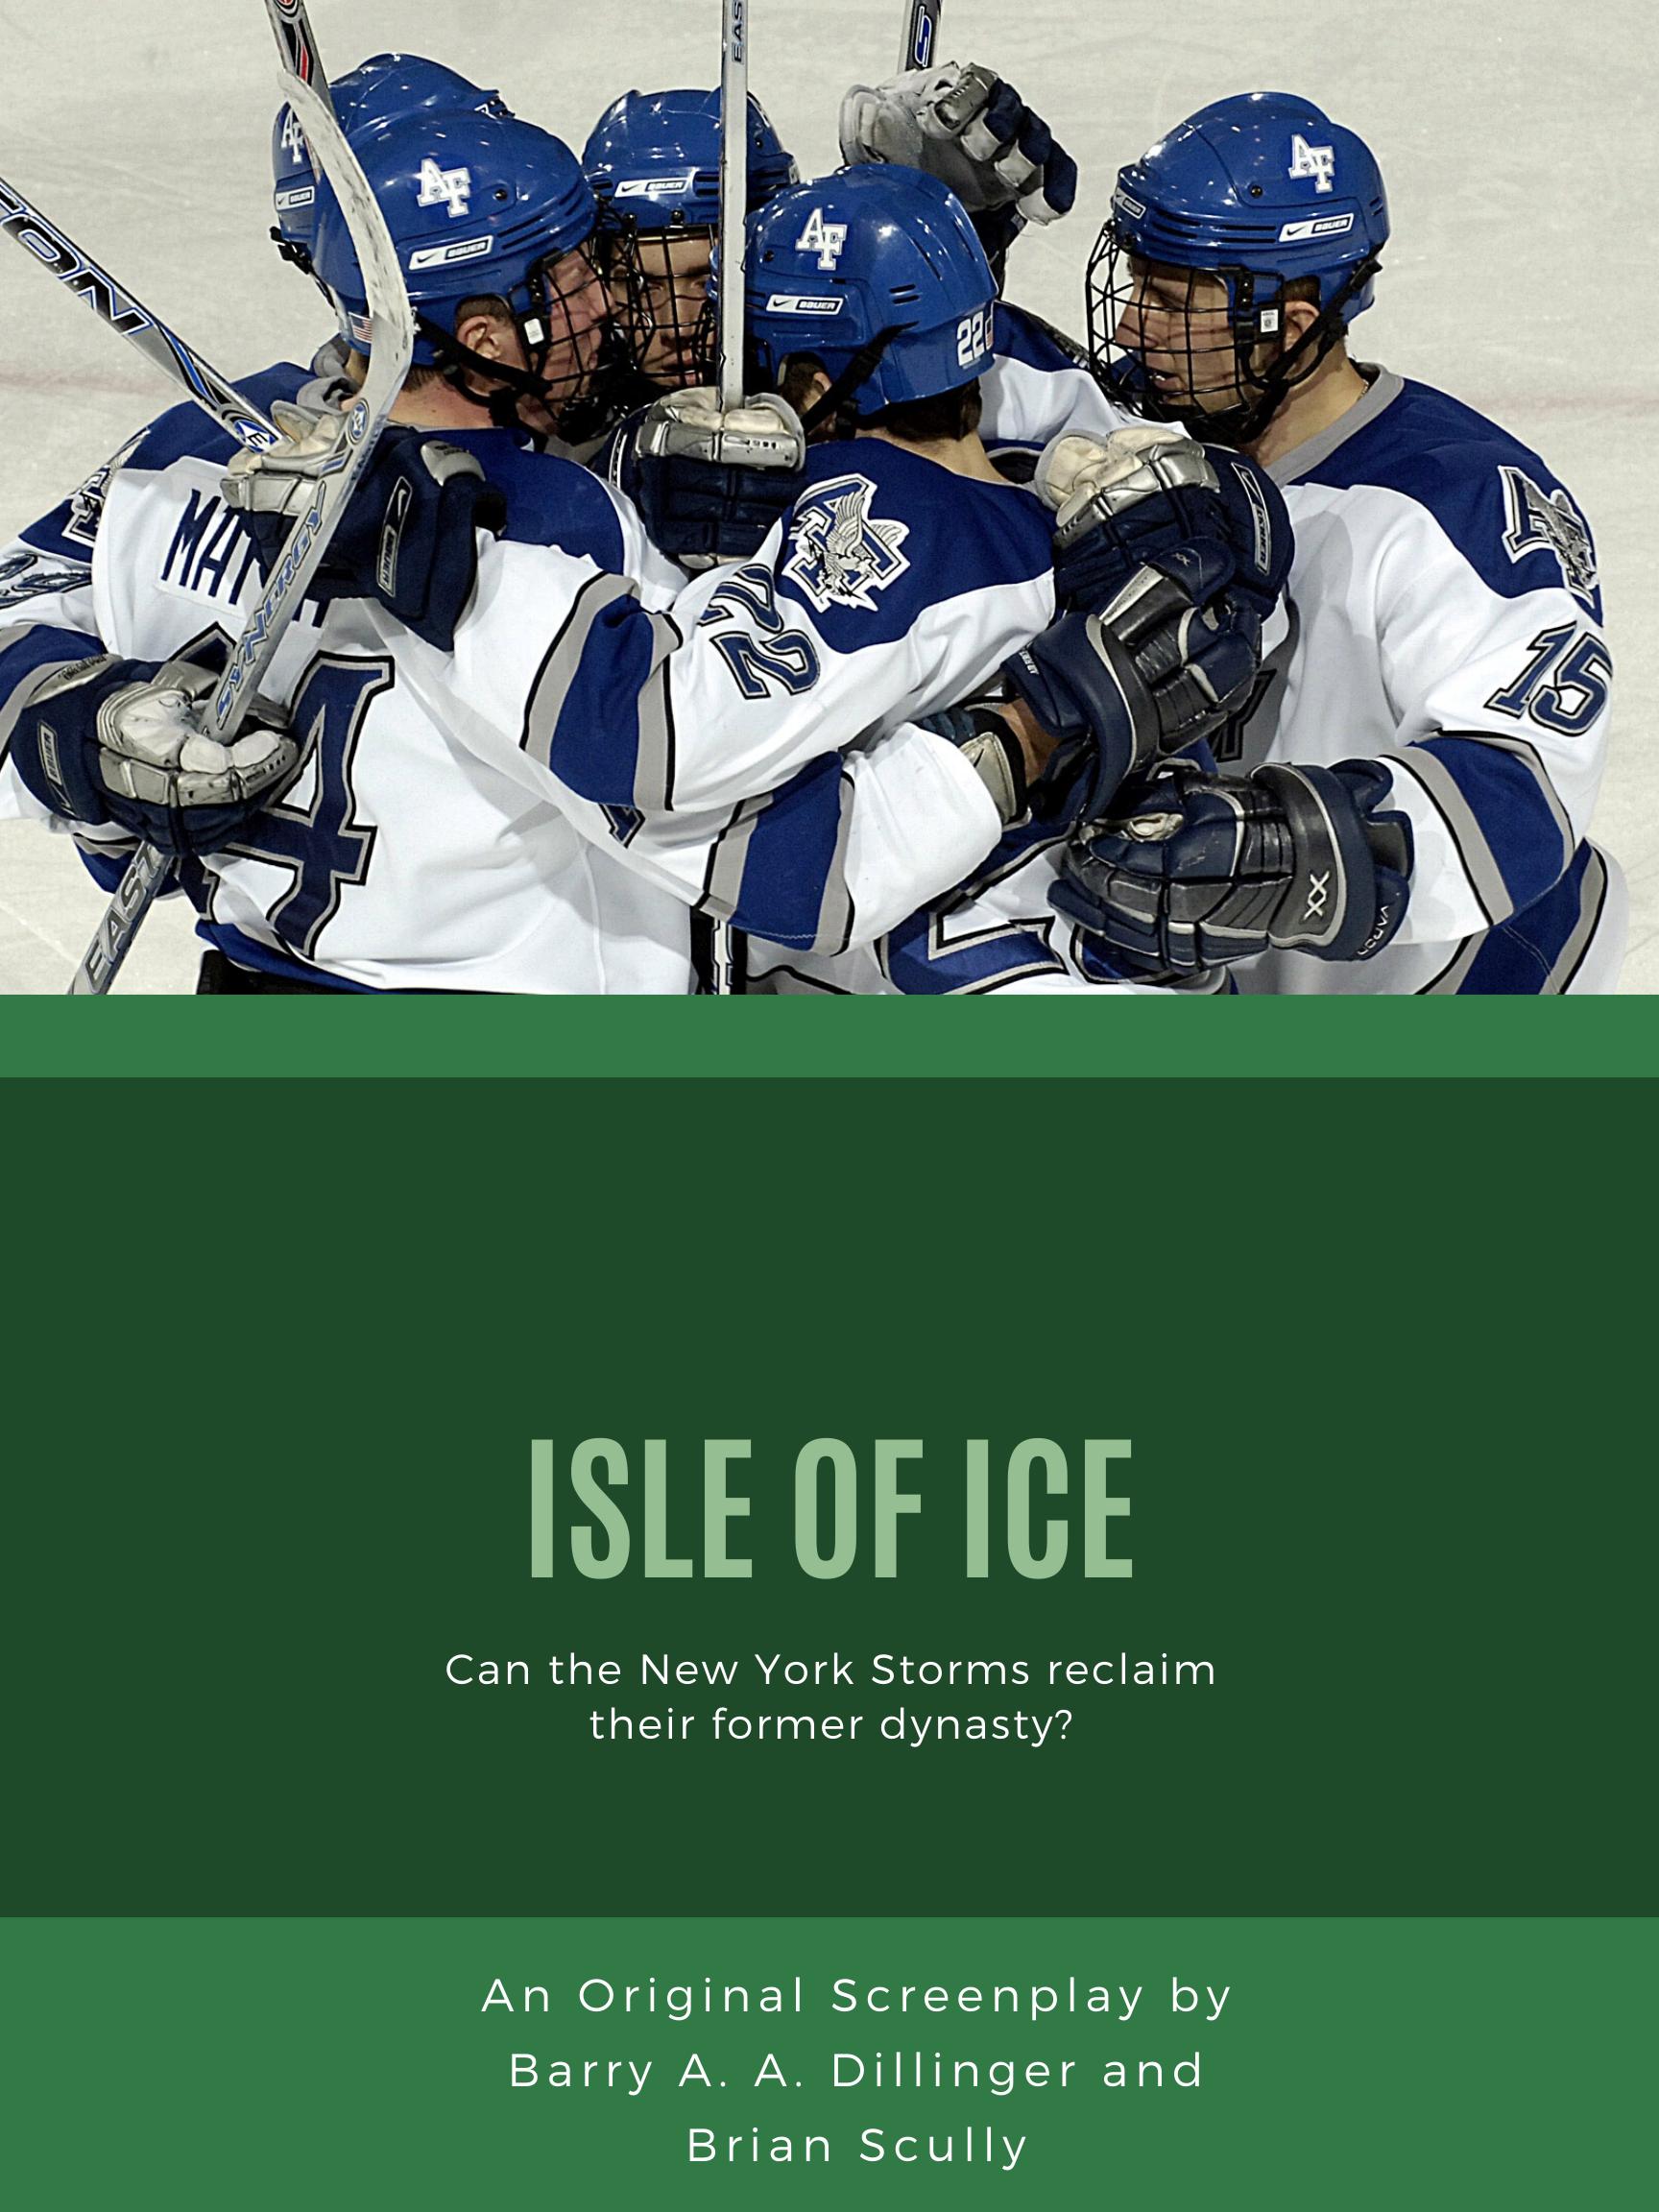 ISLE OF ICE